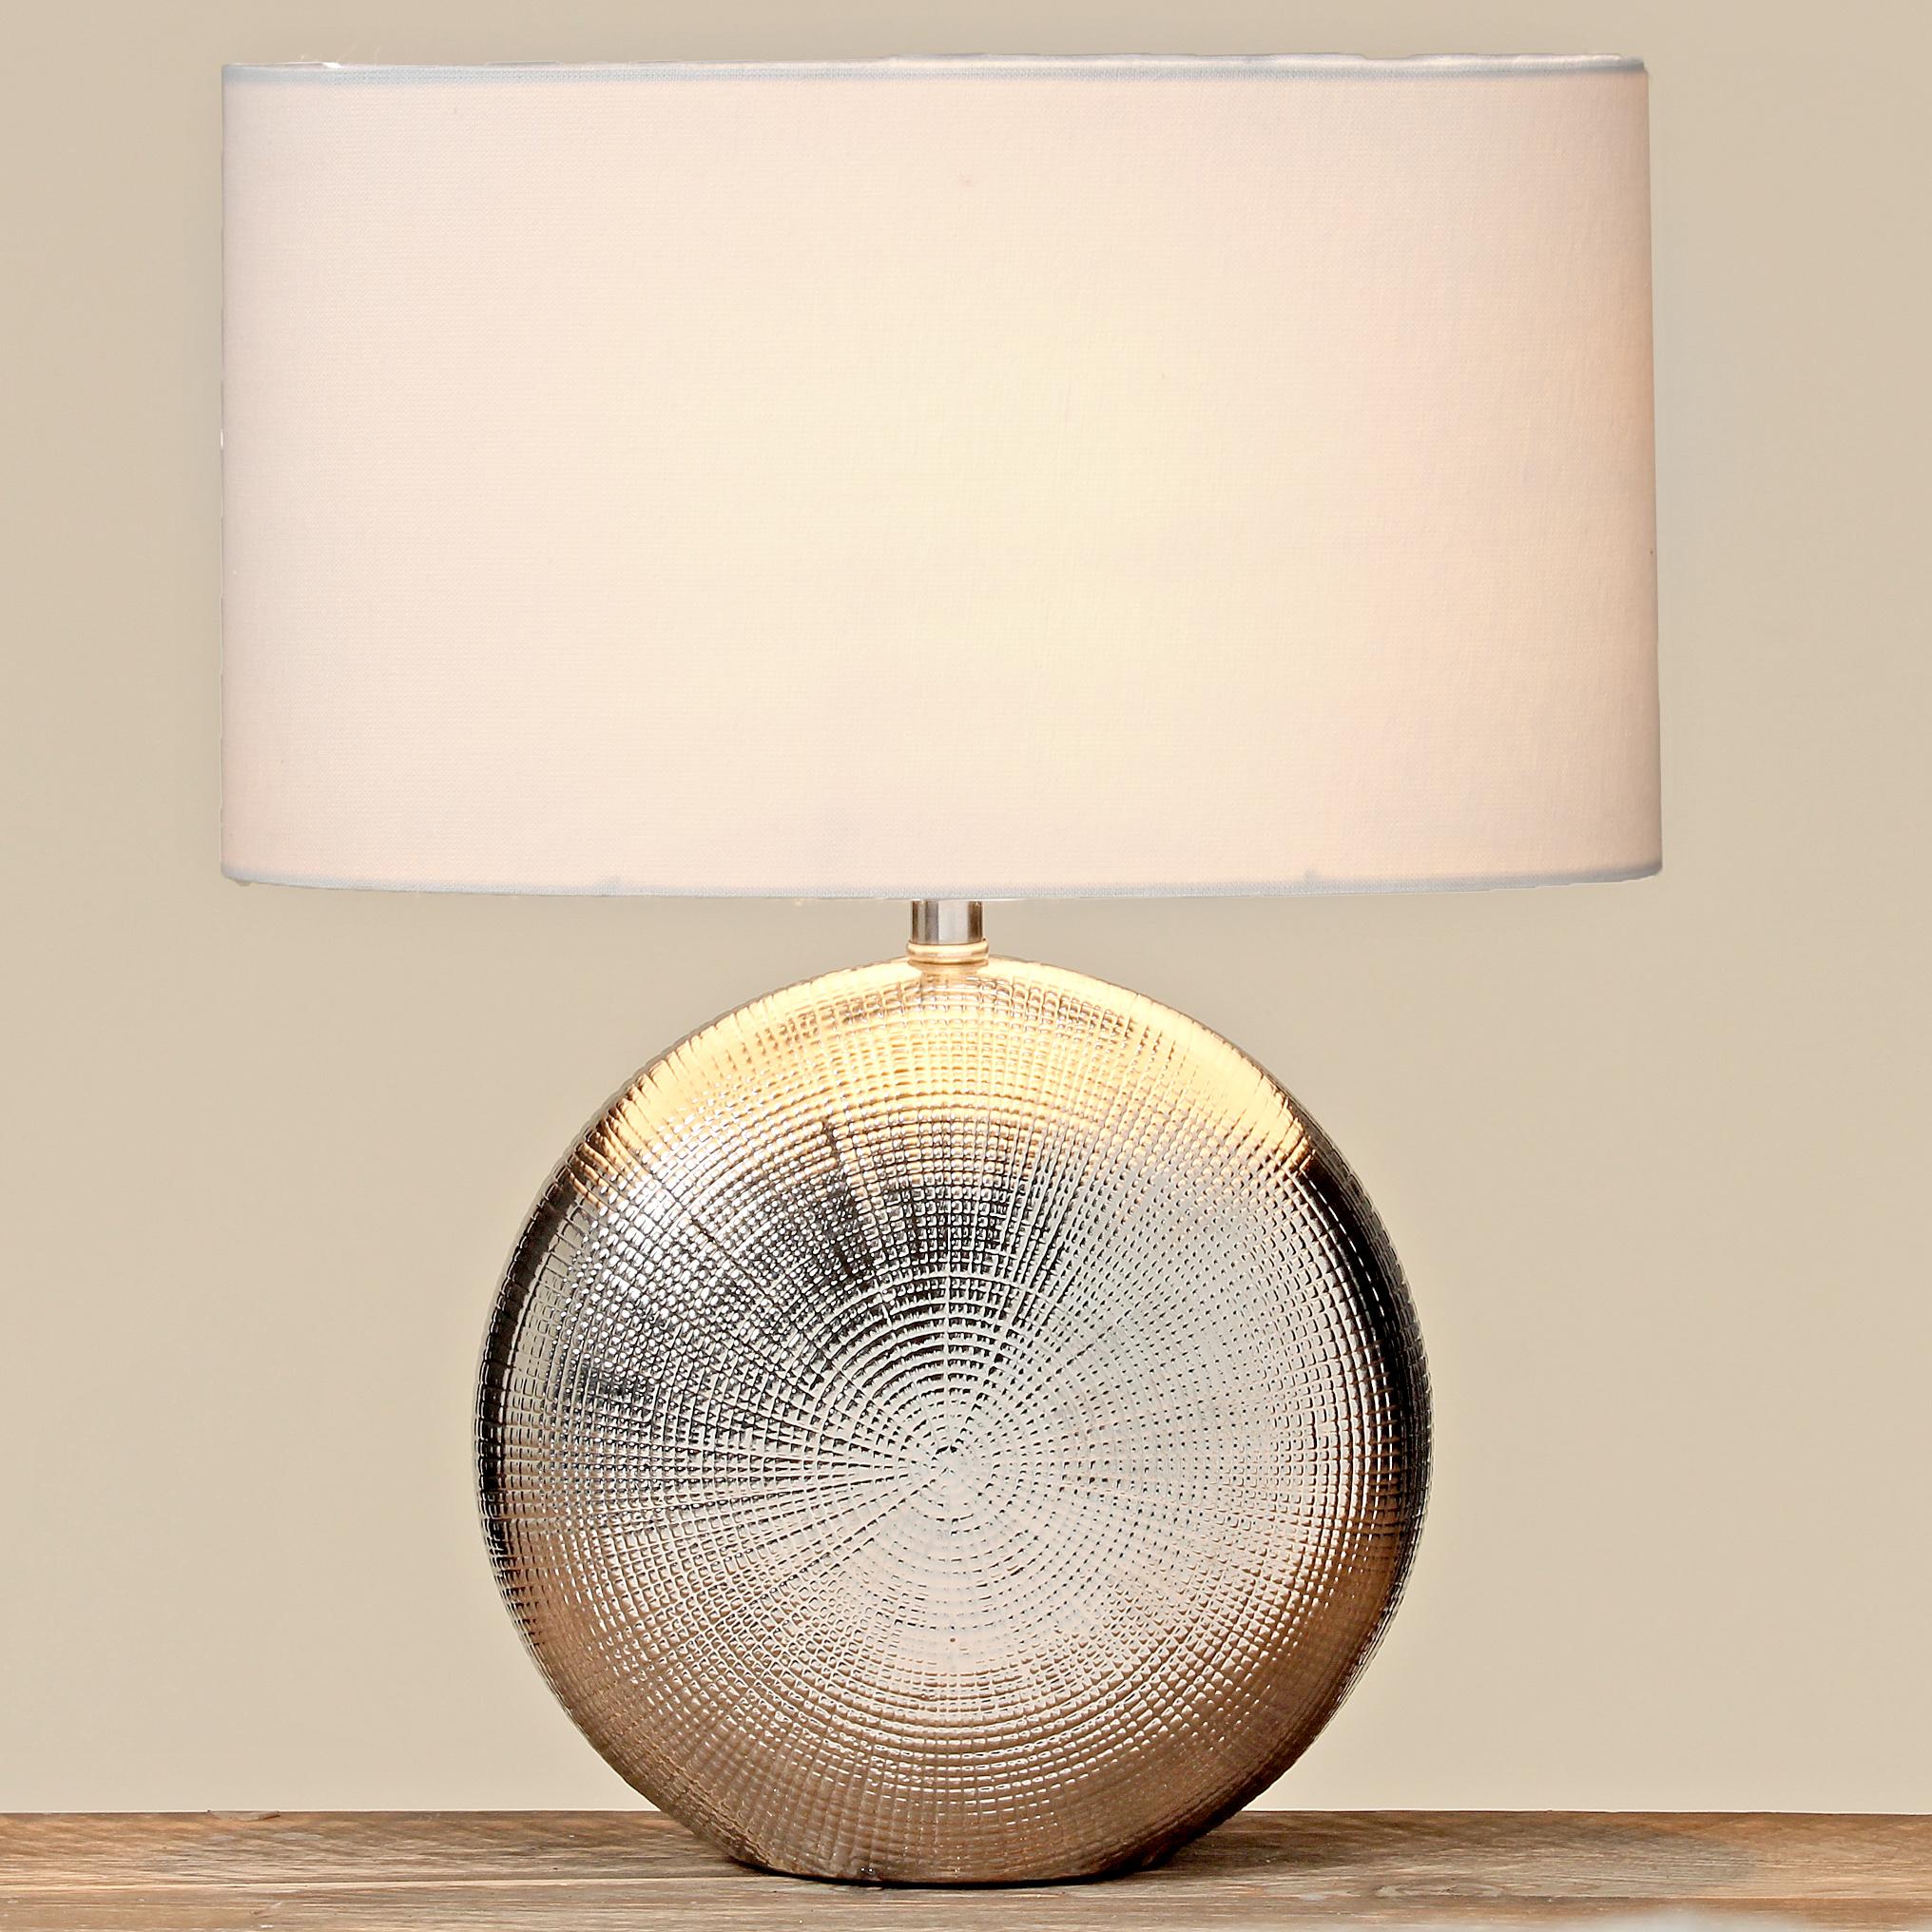 Stojací lampa s keramickou nohou - 41 cm